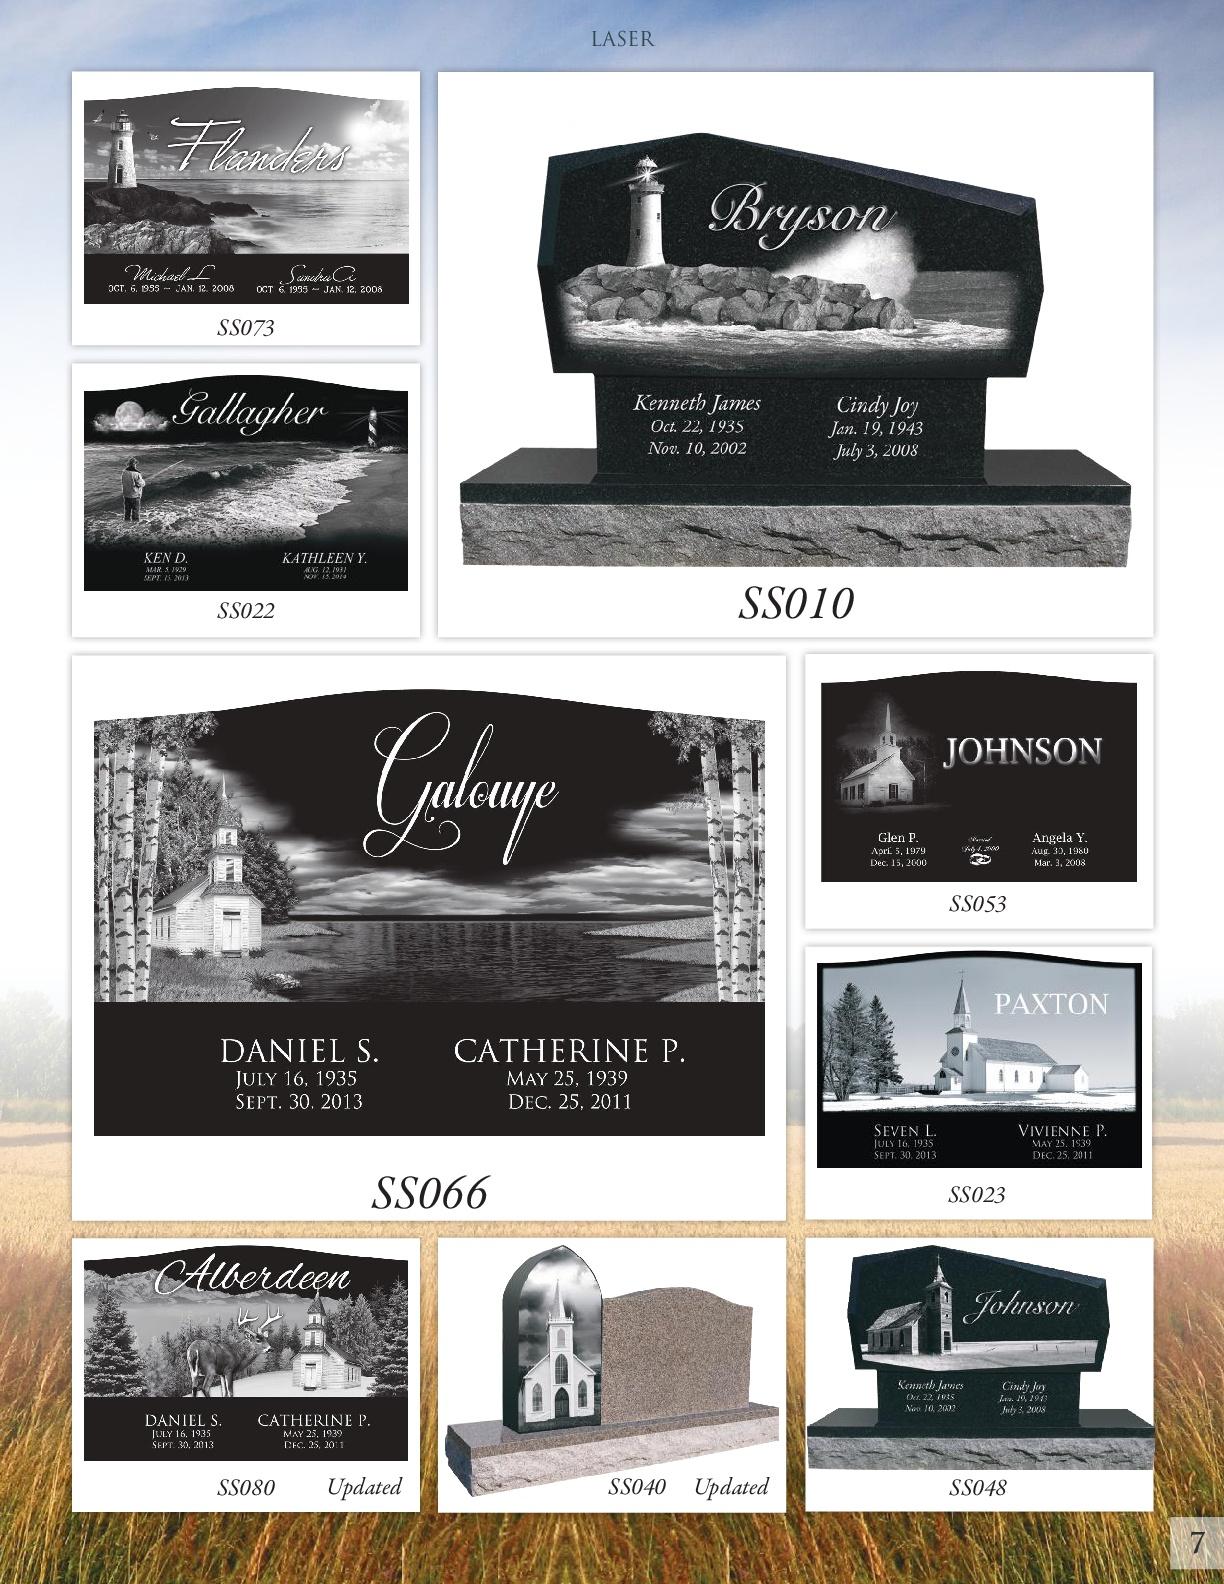 laser-etching-catalog-ilovepdf-compressed-1-33-007.jpg